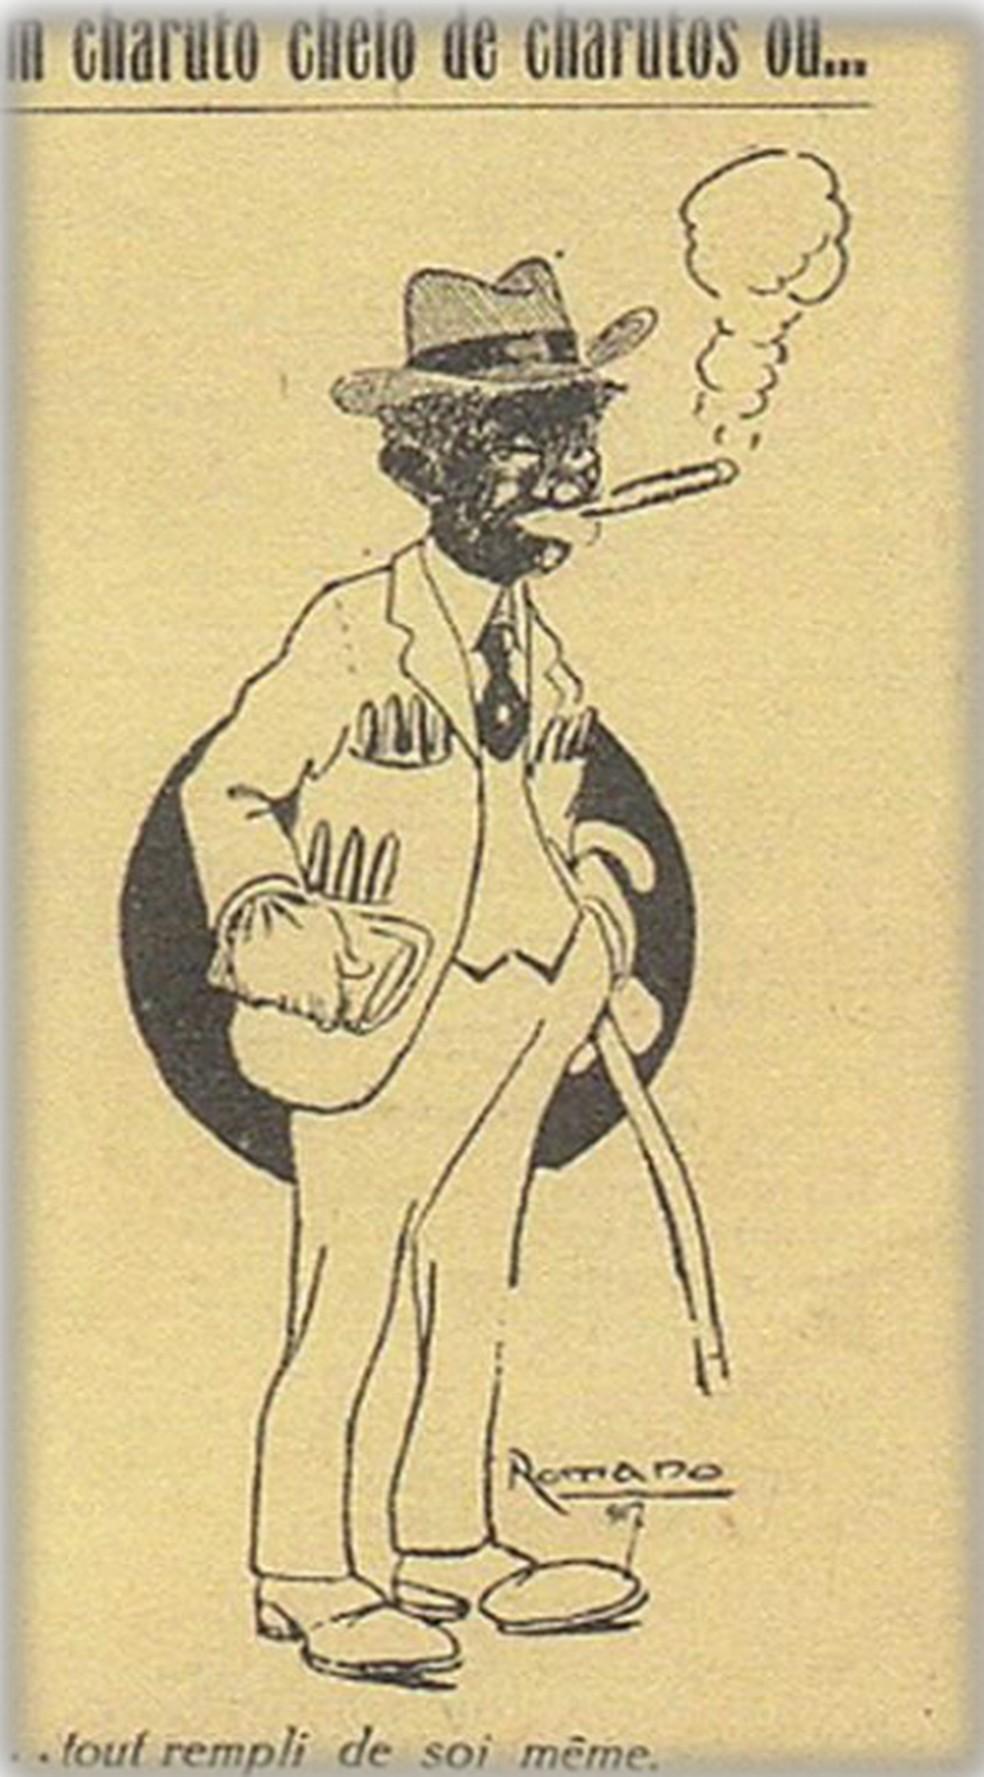 Charge da revista D. Quixote, na edição de agosto de 1917, debocha de homem negro elegante, 'todo cheio de si' — Foto: Biblioteca Digital do Senador Federal/Reprodução